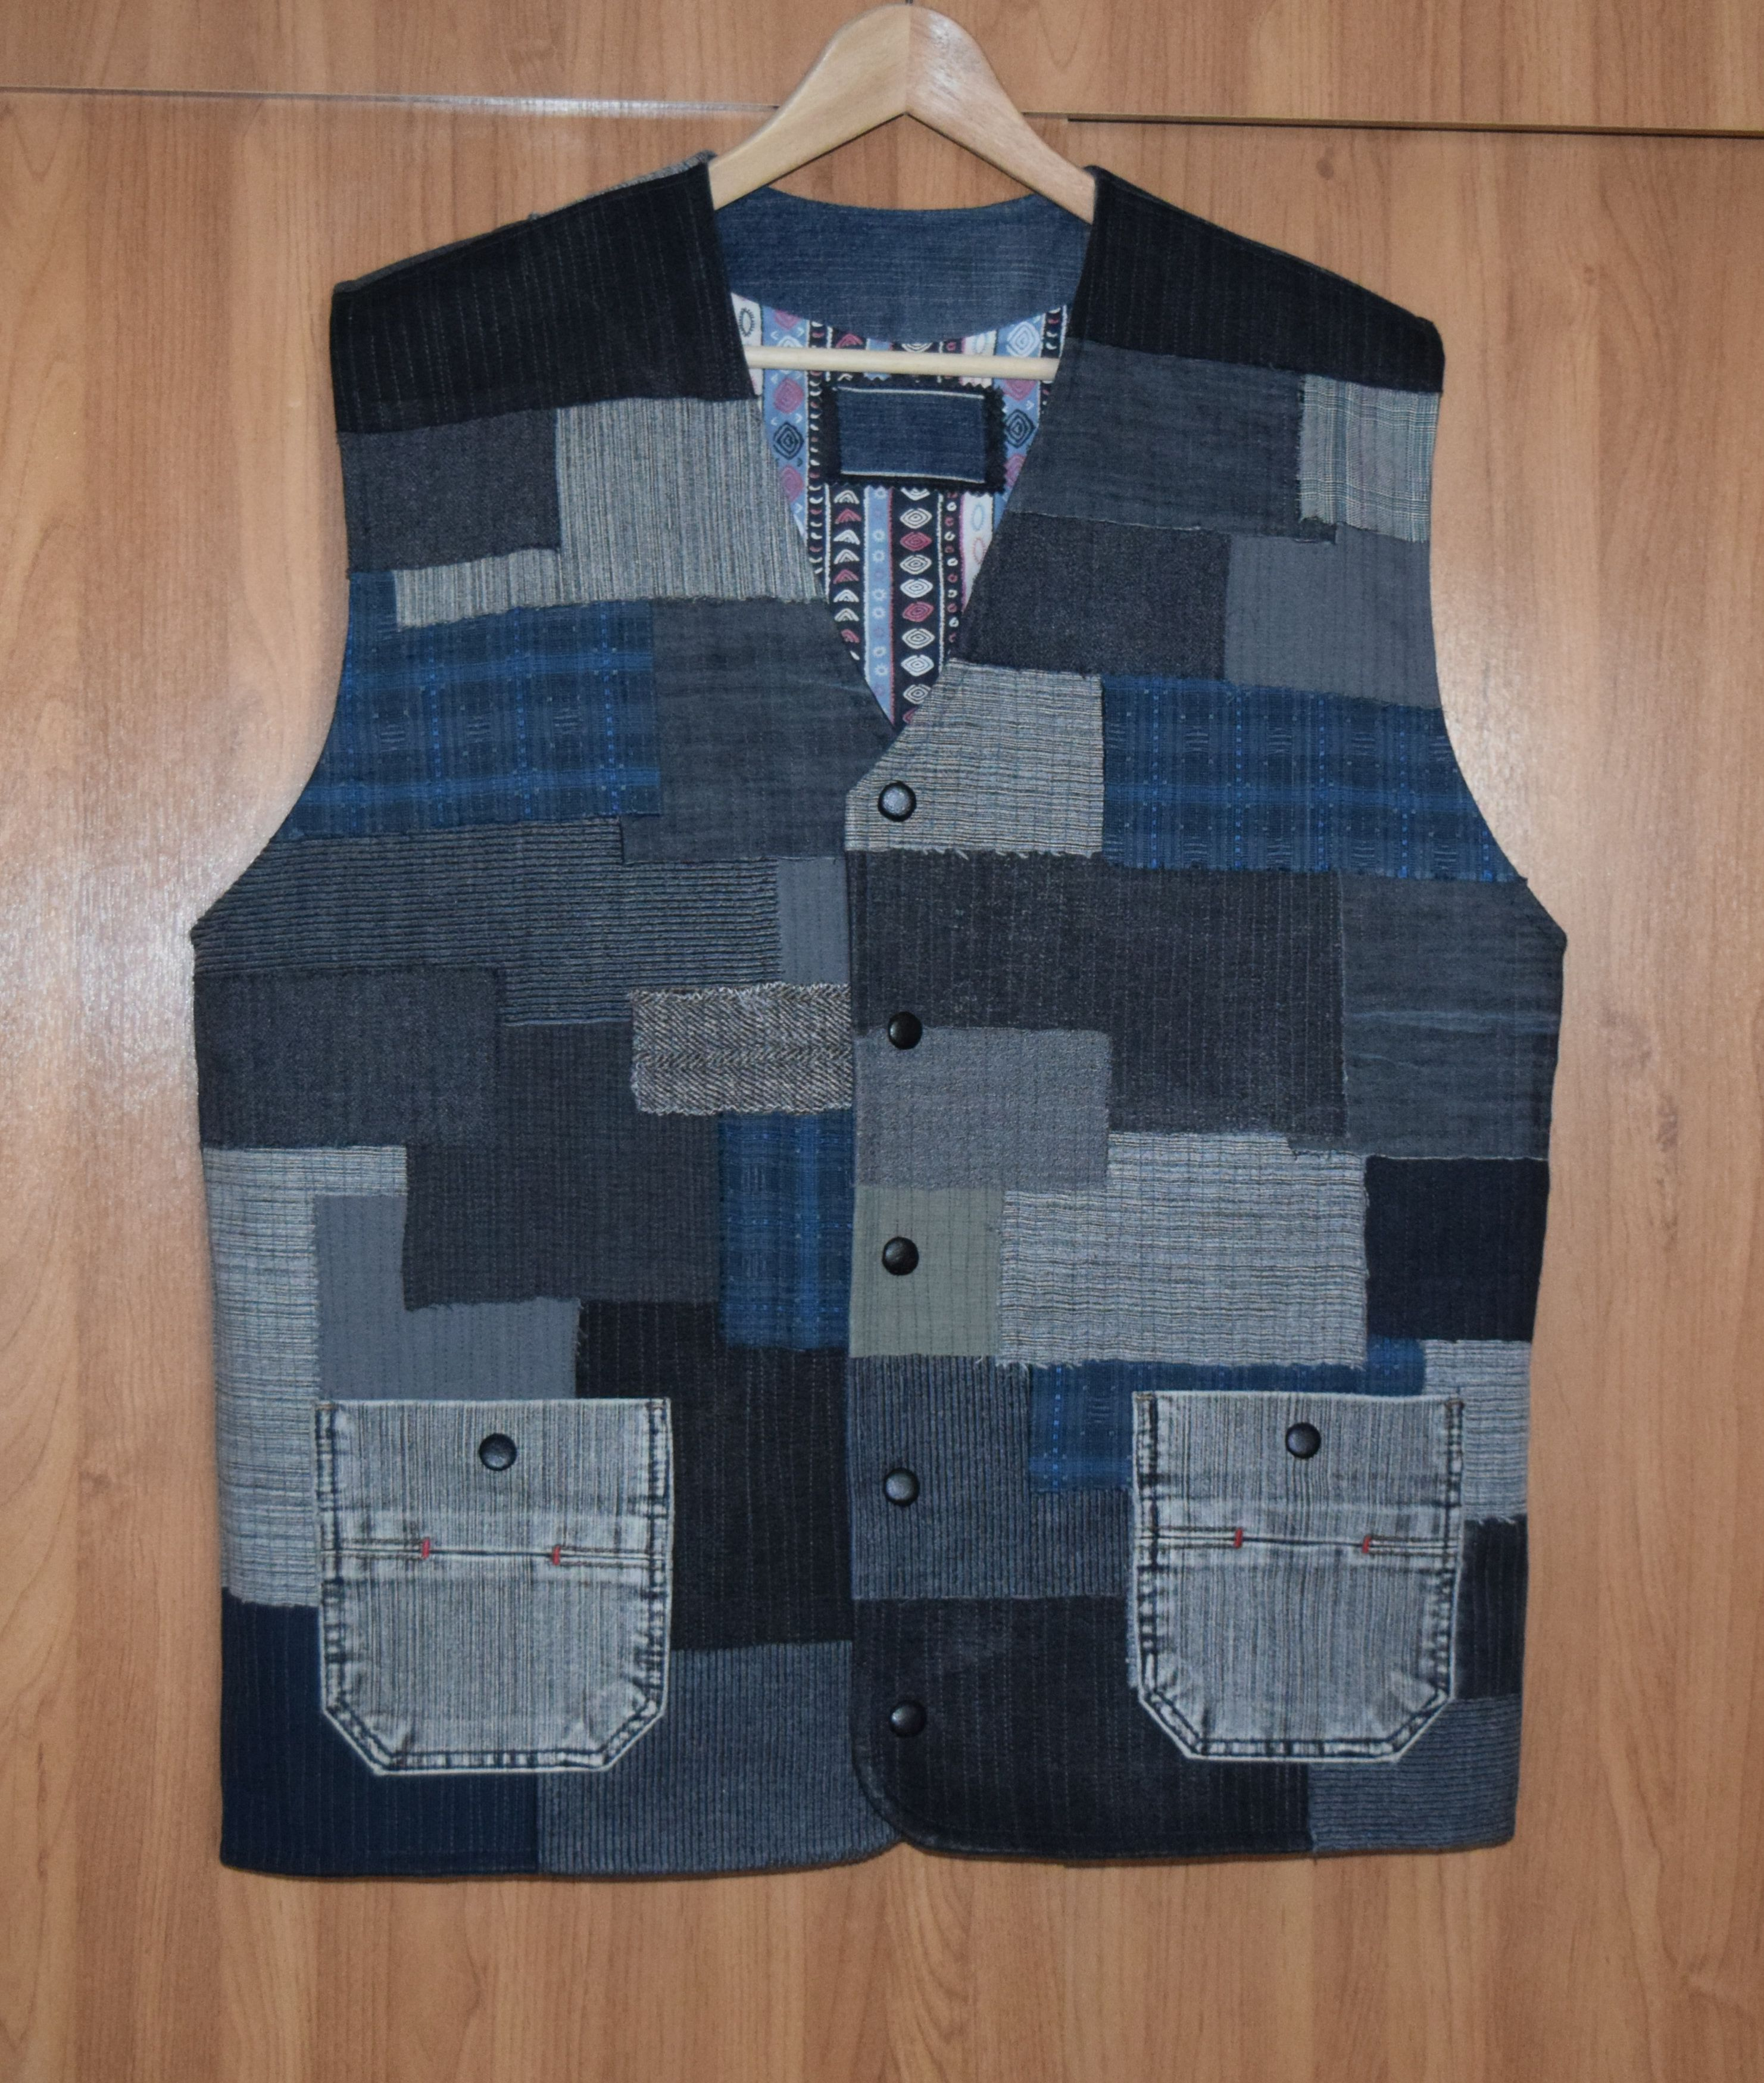 мужской мода джинс кэжуал стиль креатив жилет hendmade купить одежда своимируками